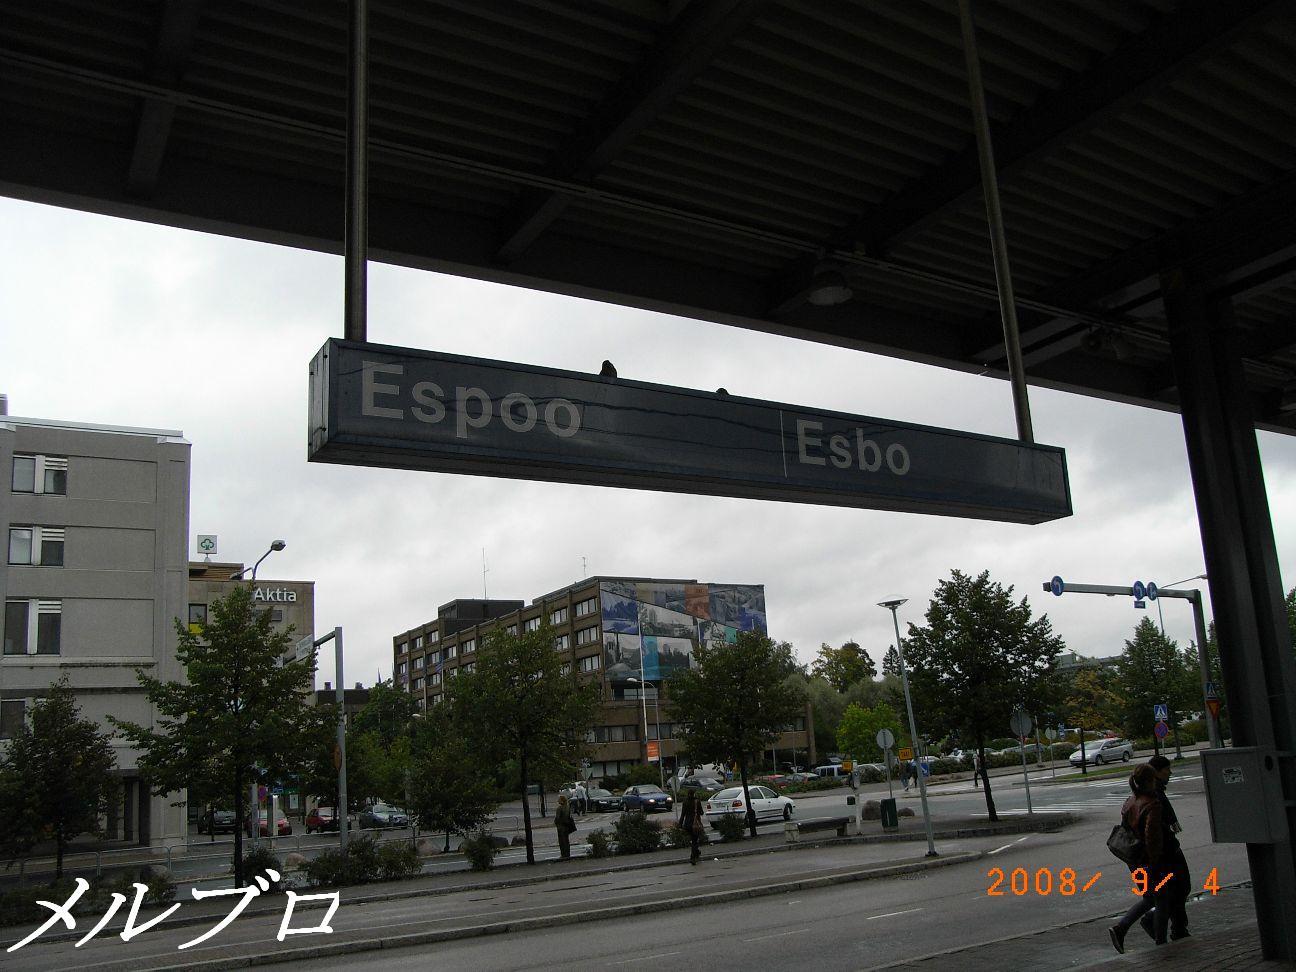 エスポー駅